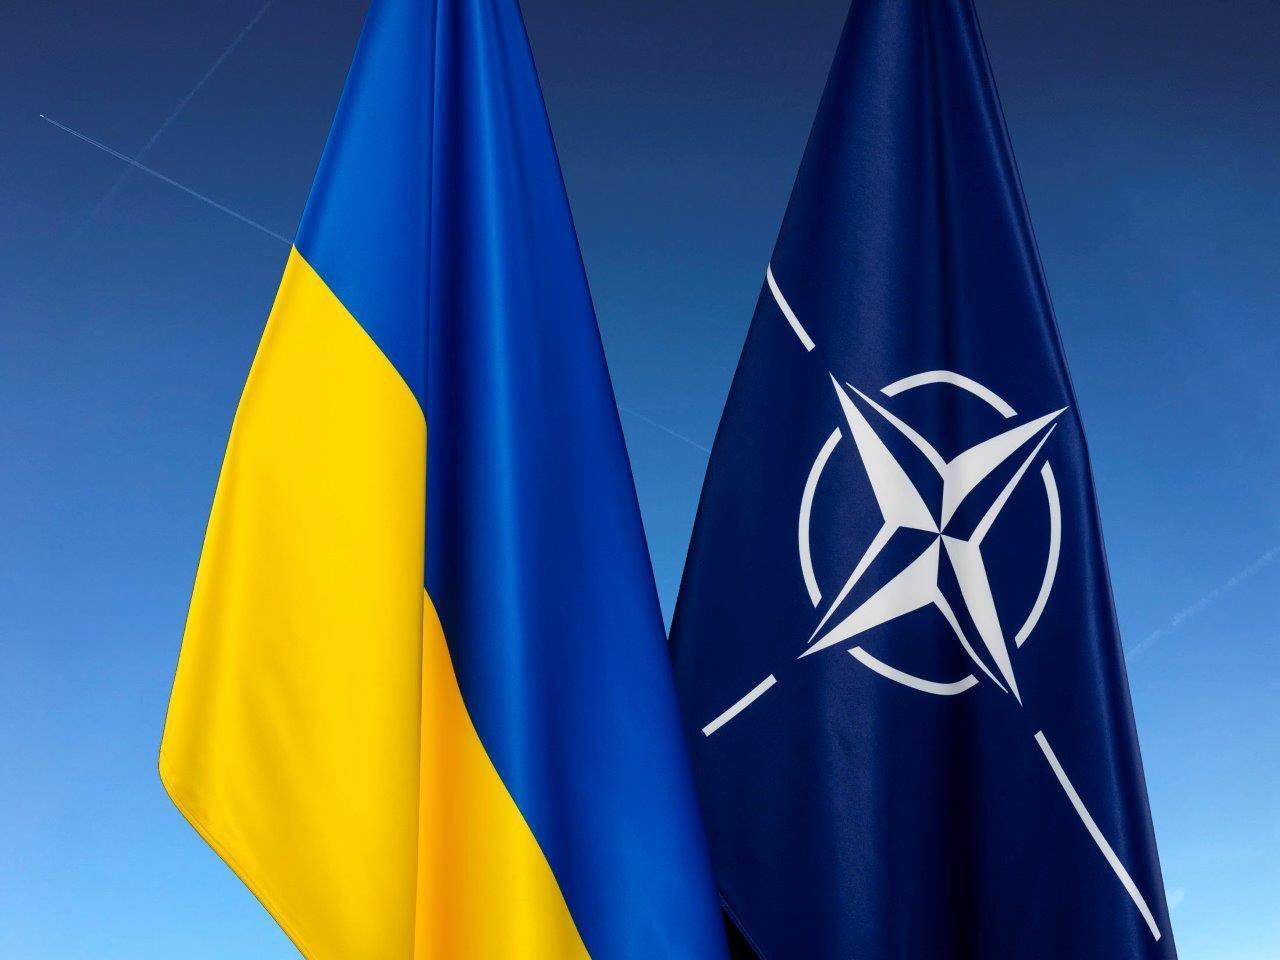 Латвия поддержала членство Украины в НАТО